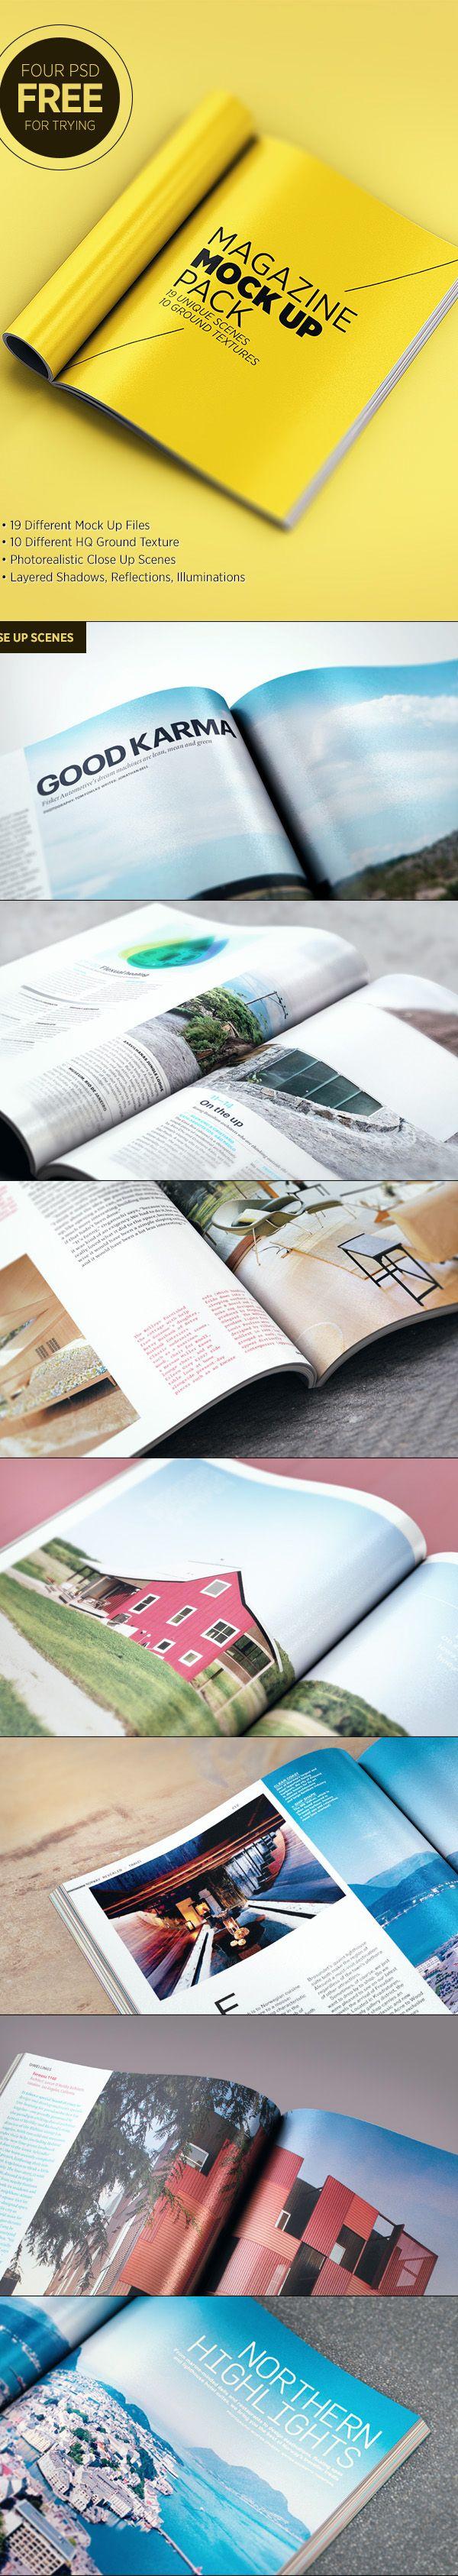 Magazine Mock Up Pack on Behance